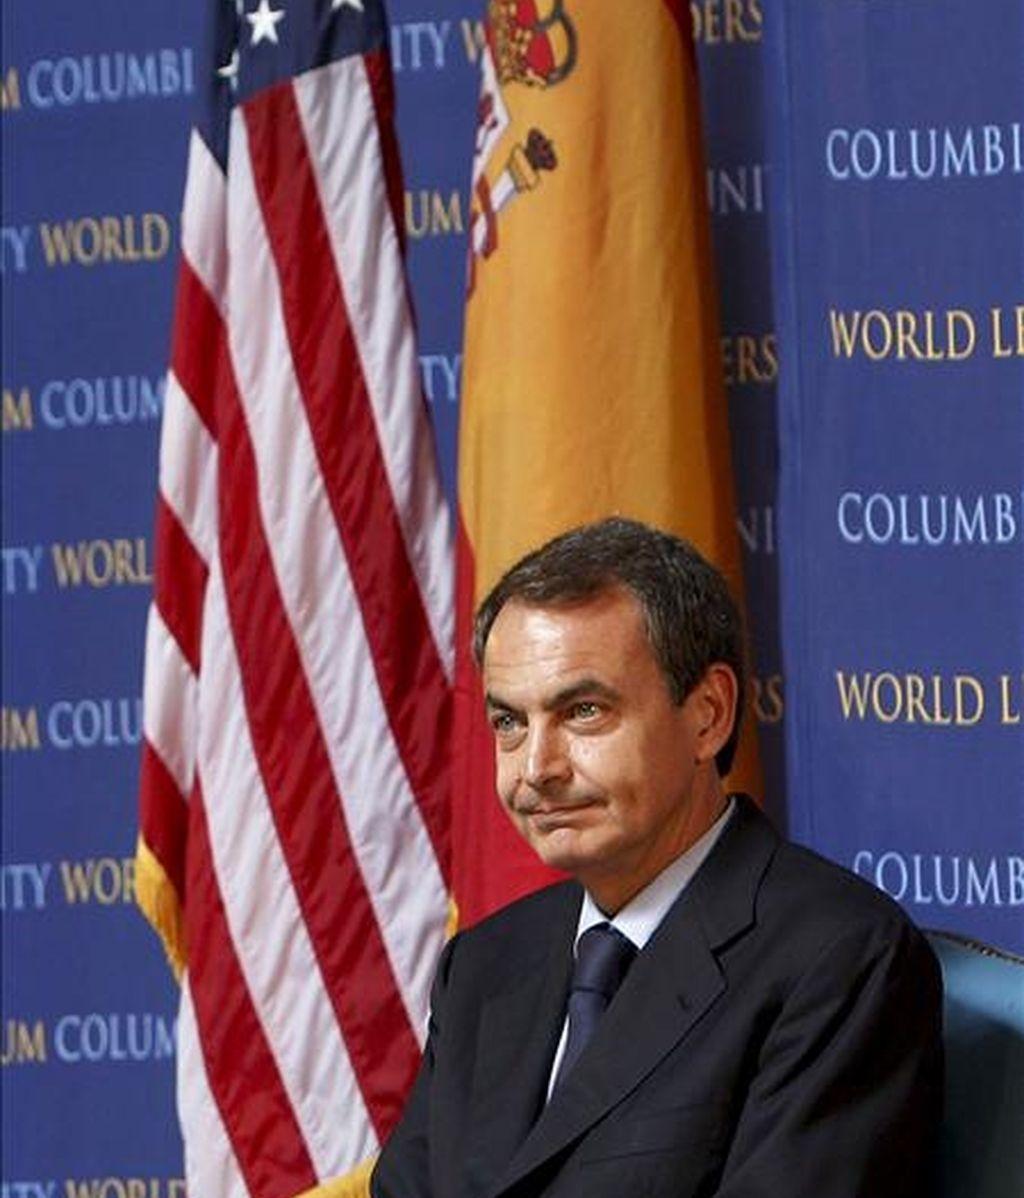 El presidente del Gobierno español, José Luis Rodríguez Zapatero, durante la conferencia que pronunció este martes en la Universidad de Columbia centrada en la crisis económica y los Objetivos de Desarrollo del Milenio. EFE